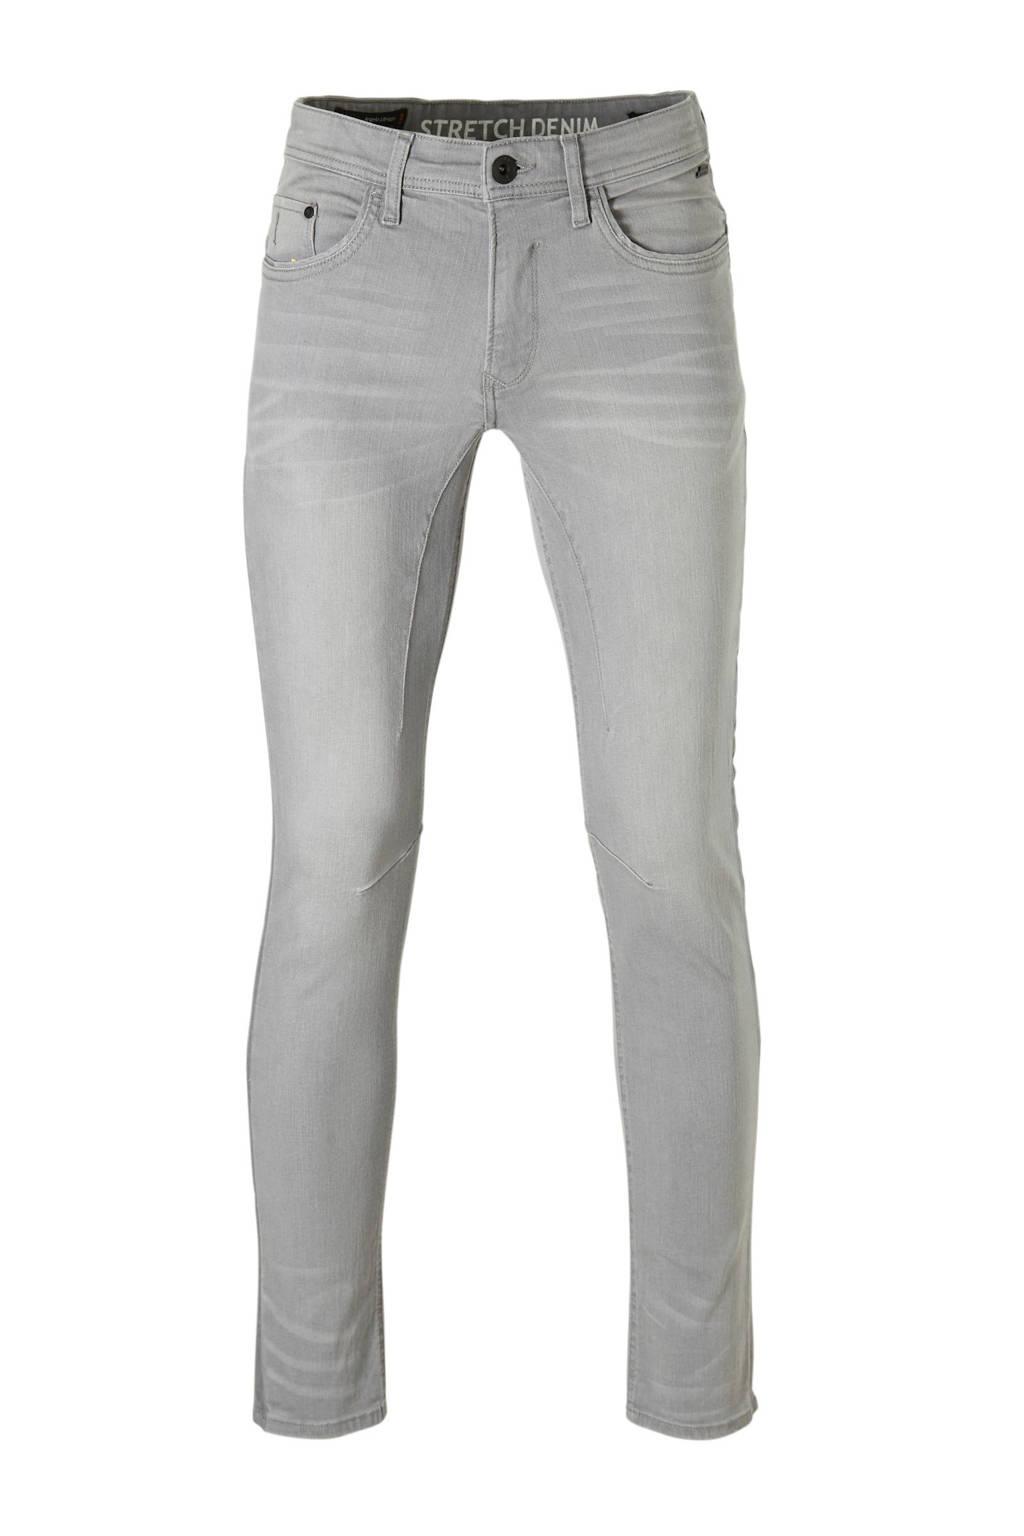 C&A Angelo Litrico slim fit jeans grijs, Grijs